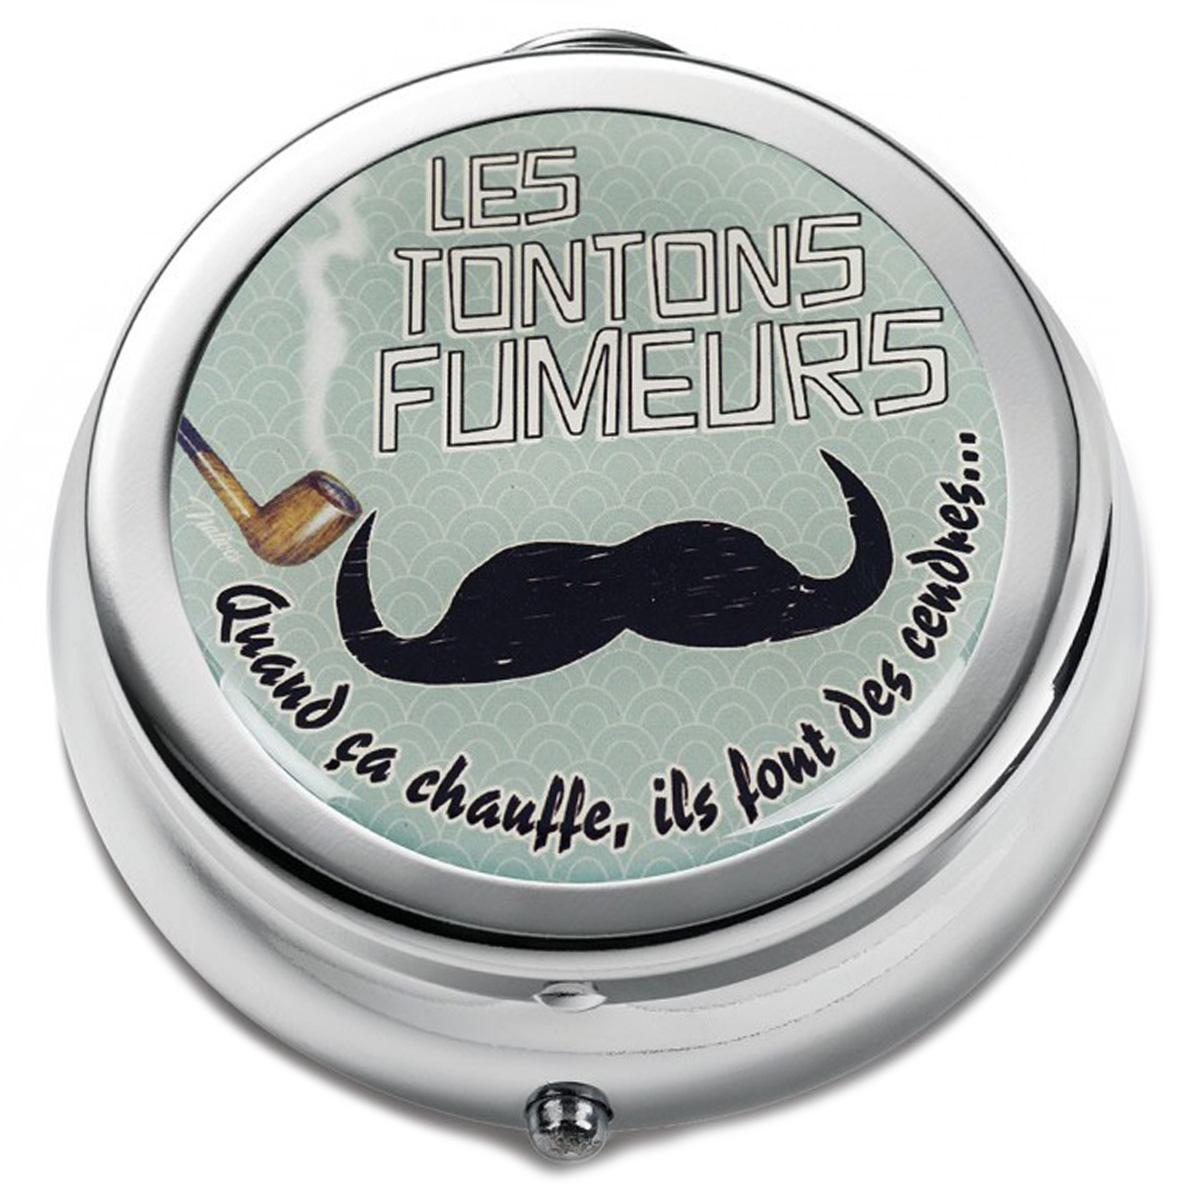 Cendrier de poche \'French Vintage\' (Les Tontons Fumeurs : quand ça chauffe, ils font des cendres ) - 68x30 mm - [Q7156]